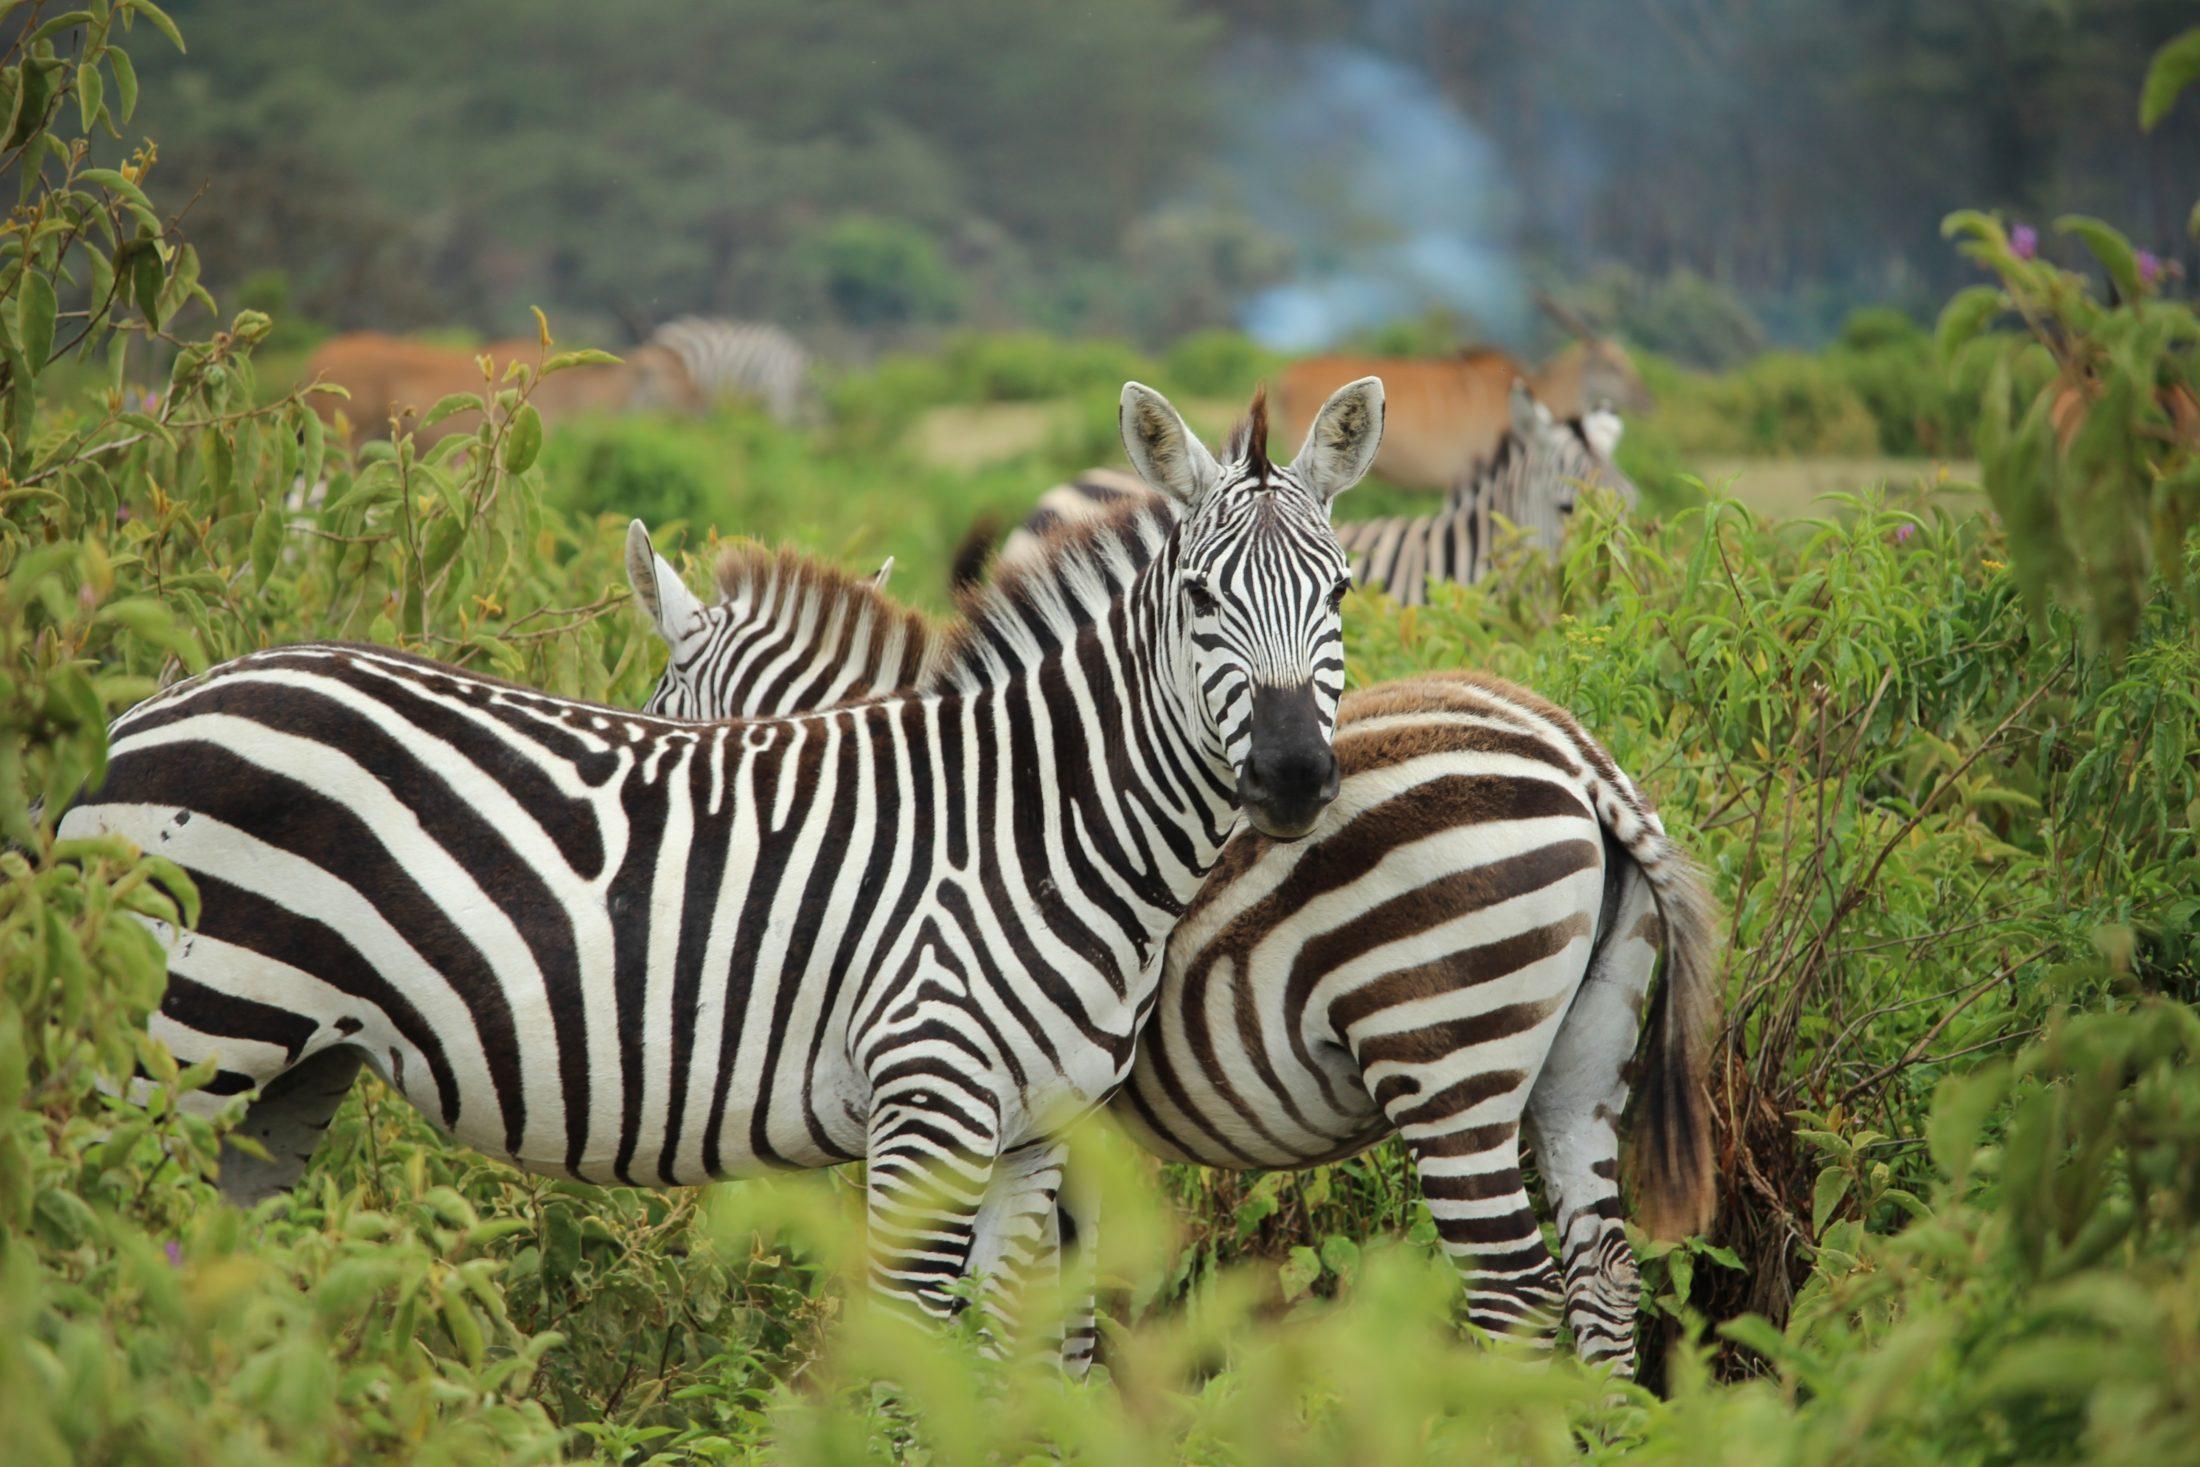 Sonhar com zebra fugindo é sinal de estar fugindo de problemas amorosos.